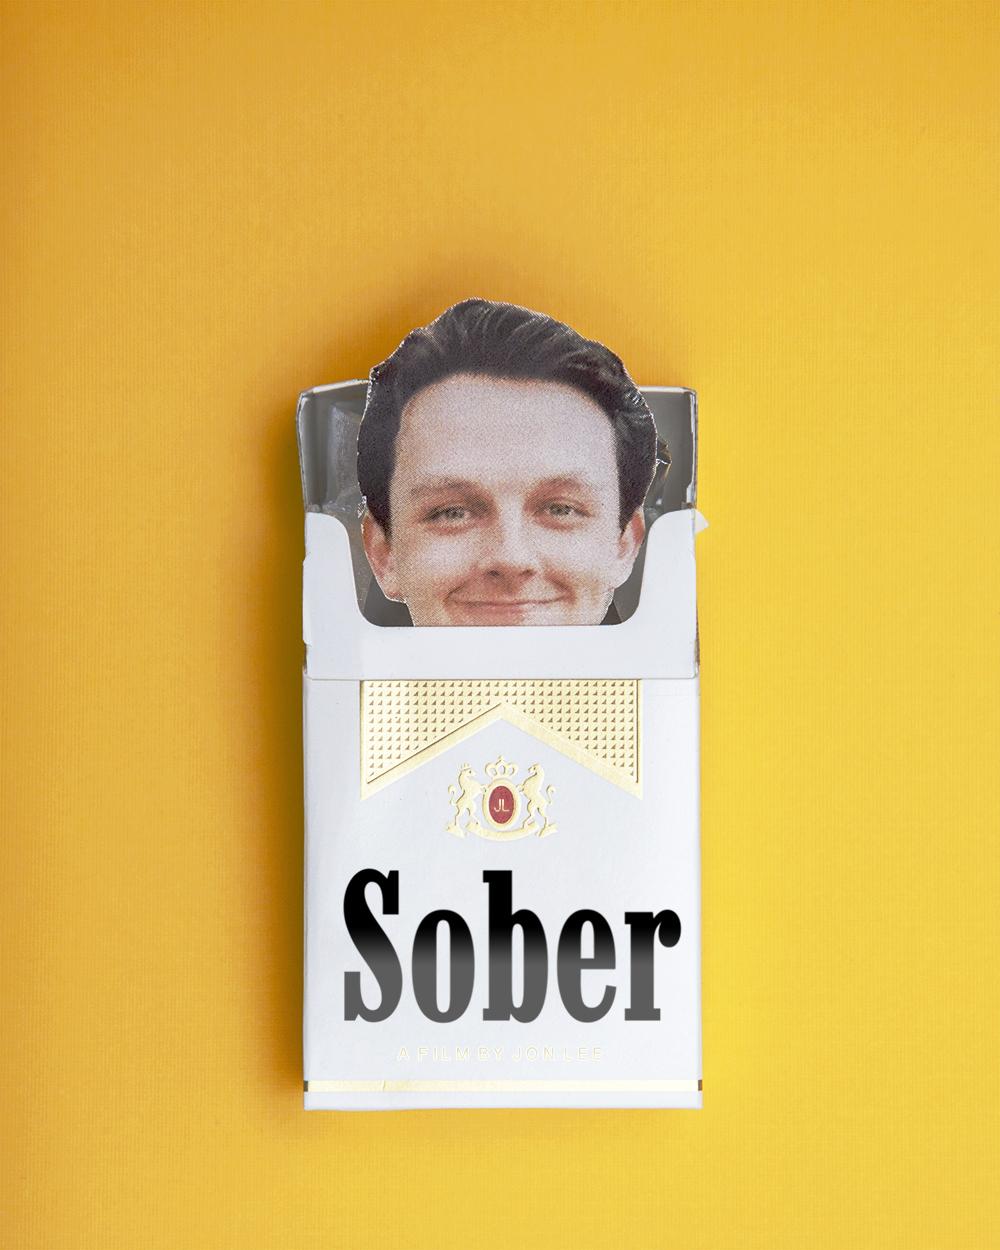 jon_lee_sober